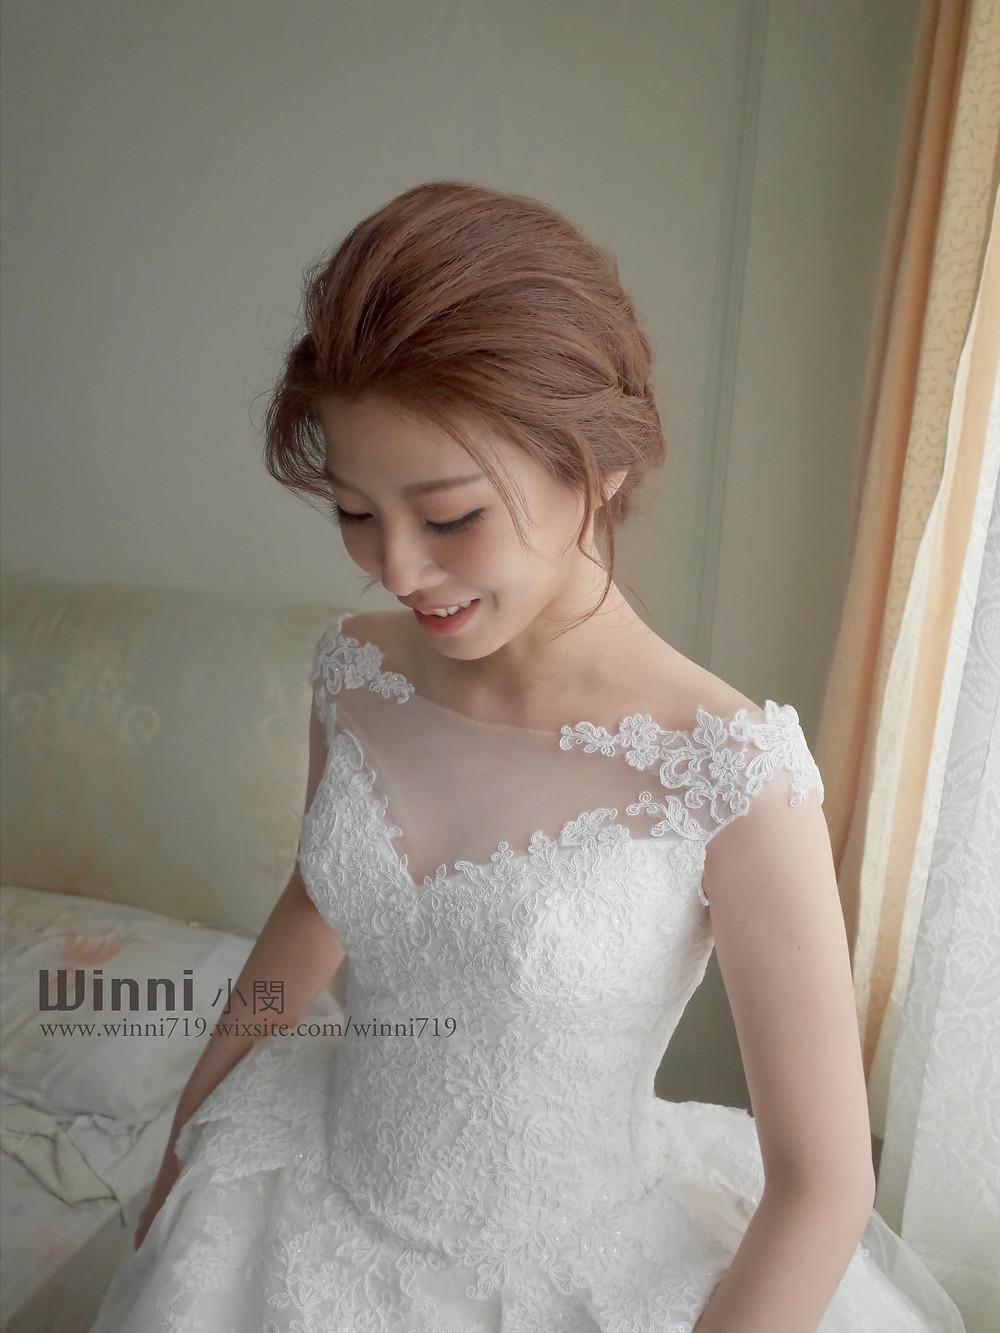 #白紗造型 #新娘造型 #低盤髮造型 #新娘妝 #短髮新娘 #編髮 #長頭紗  #永生花髮飾 #乾燥花髮飾 #韓系妝髮